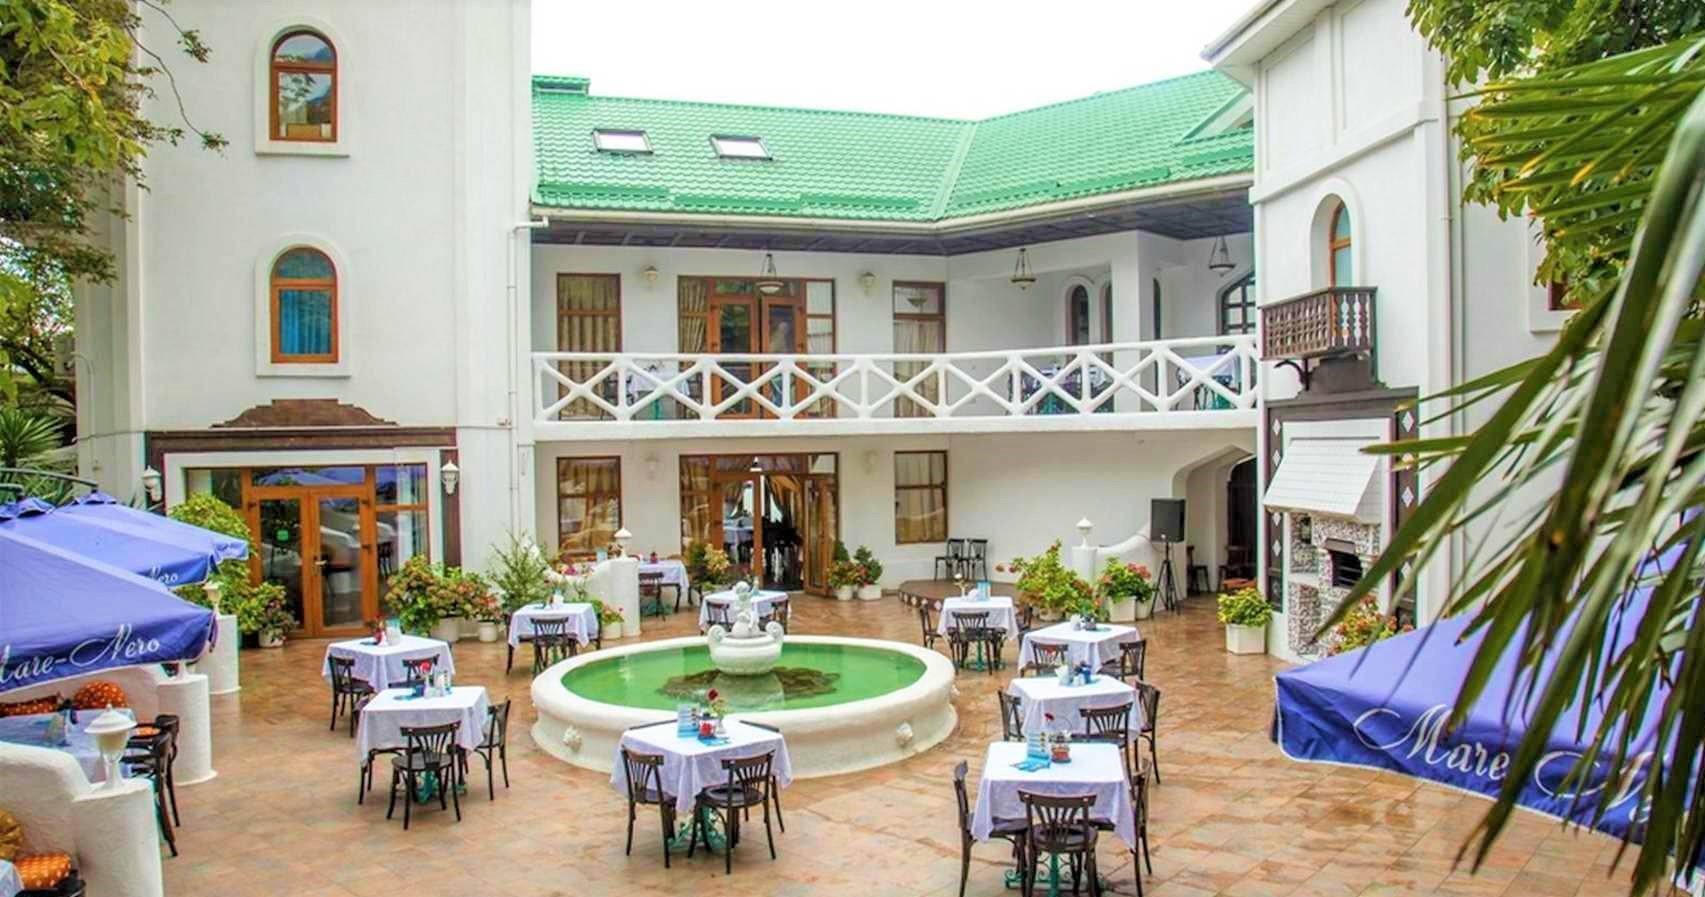 marenerohotel-pitanie-veranda